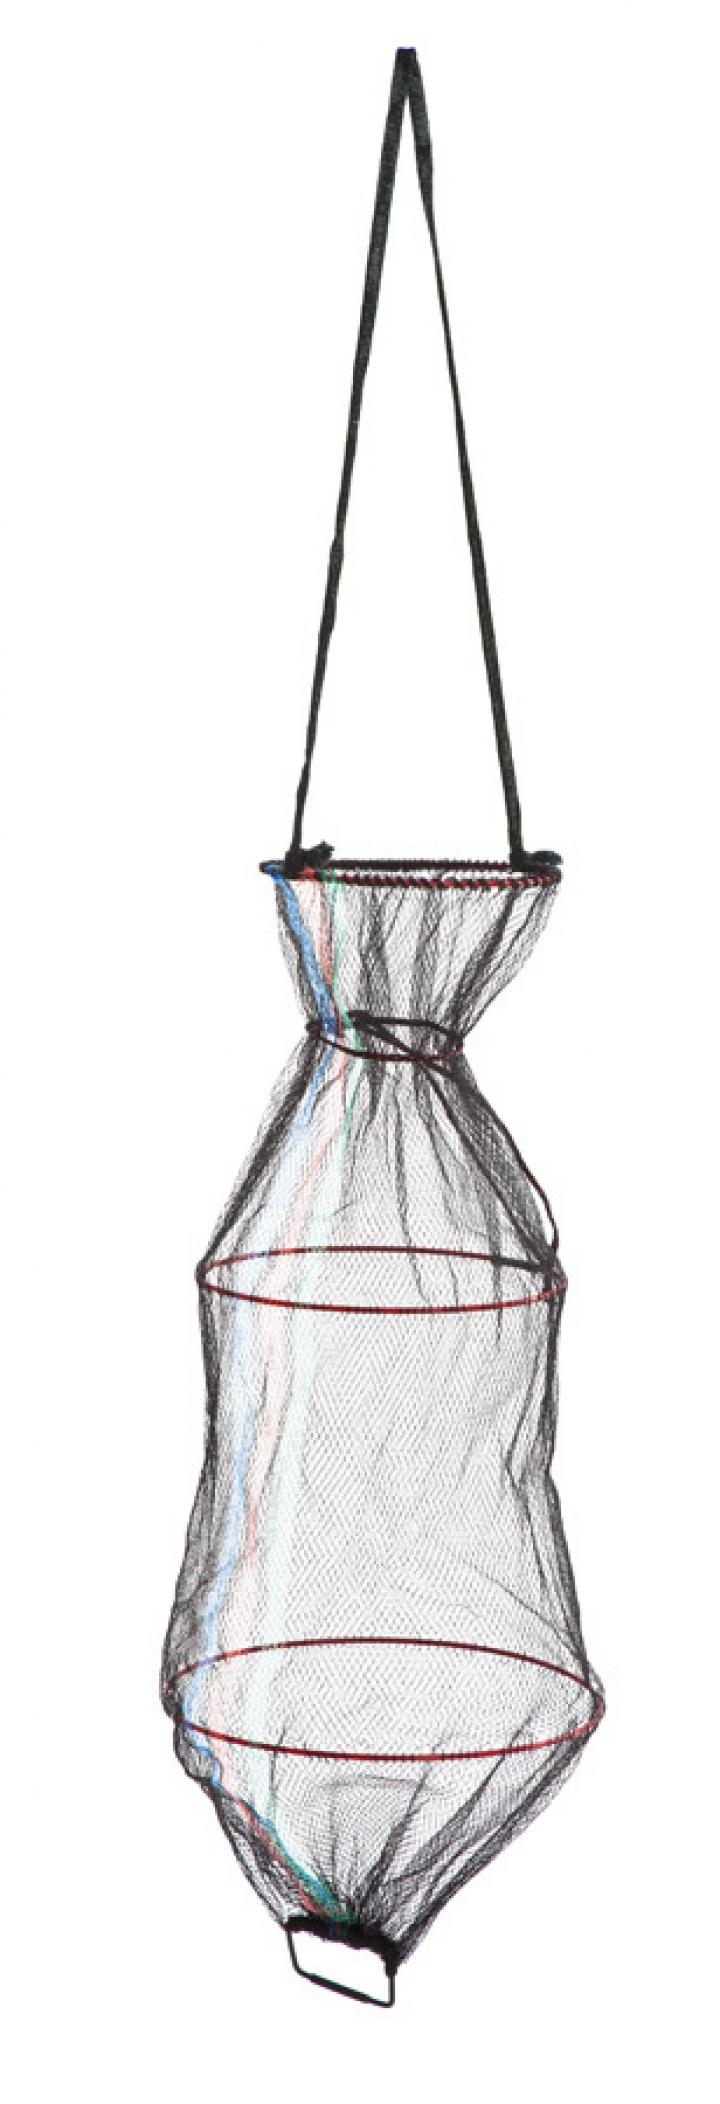 Three-circle fish bag